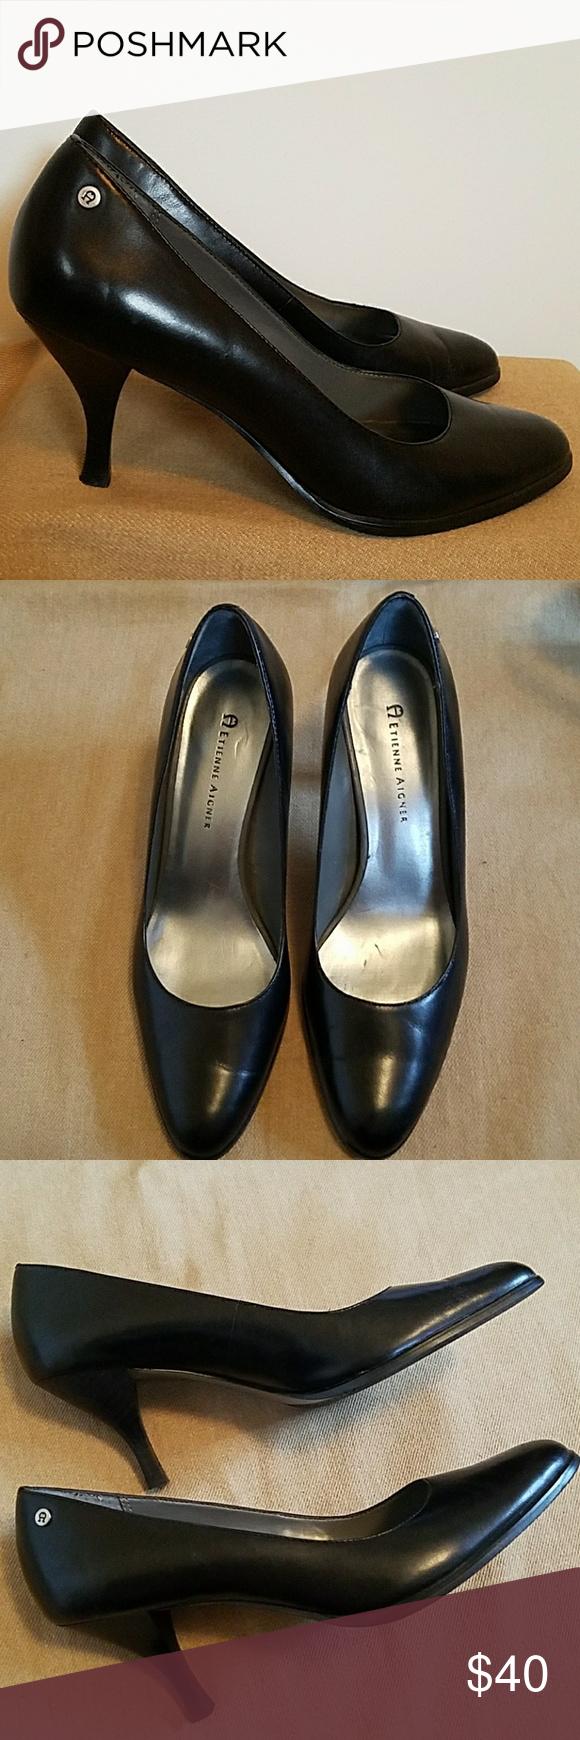 391828f825 EUC Etienne Aigner black leather pumps sz 7.5 3 inch heel. Classic black  pump.